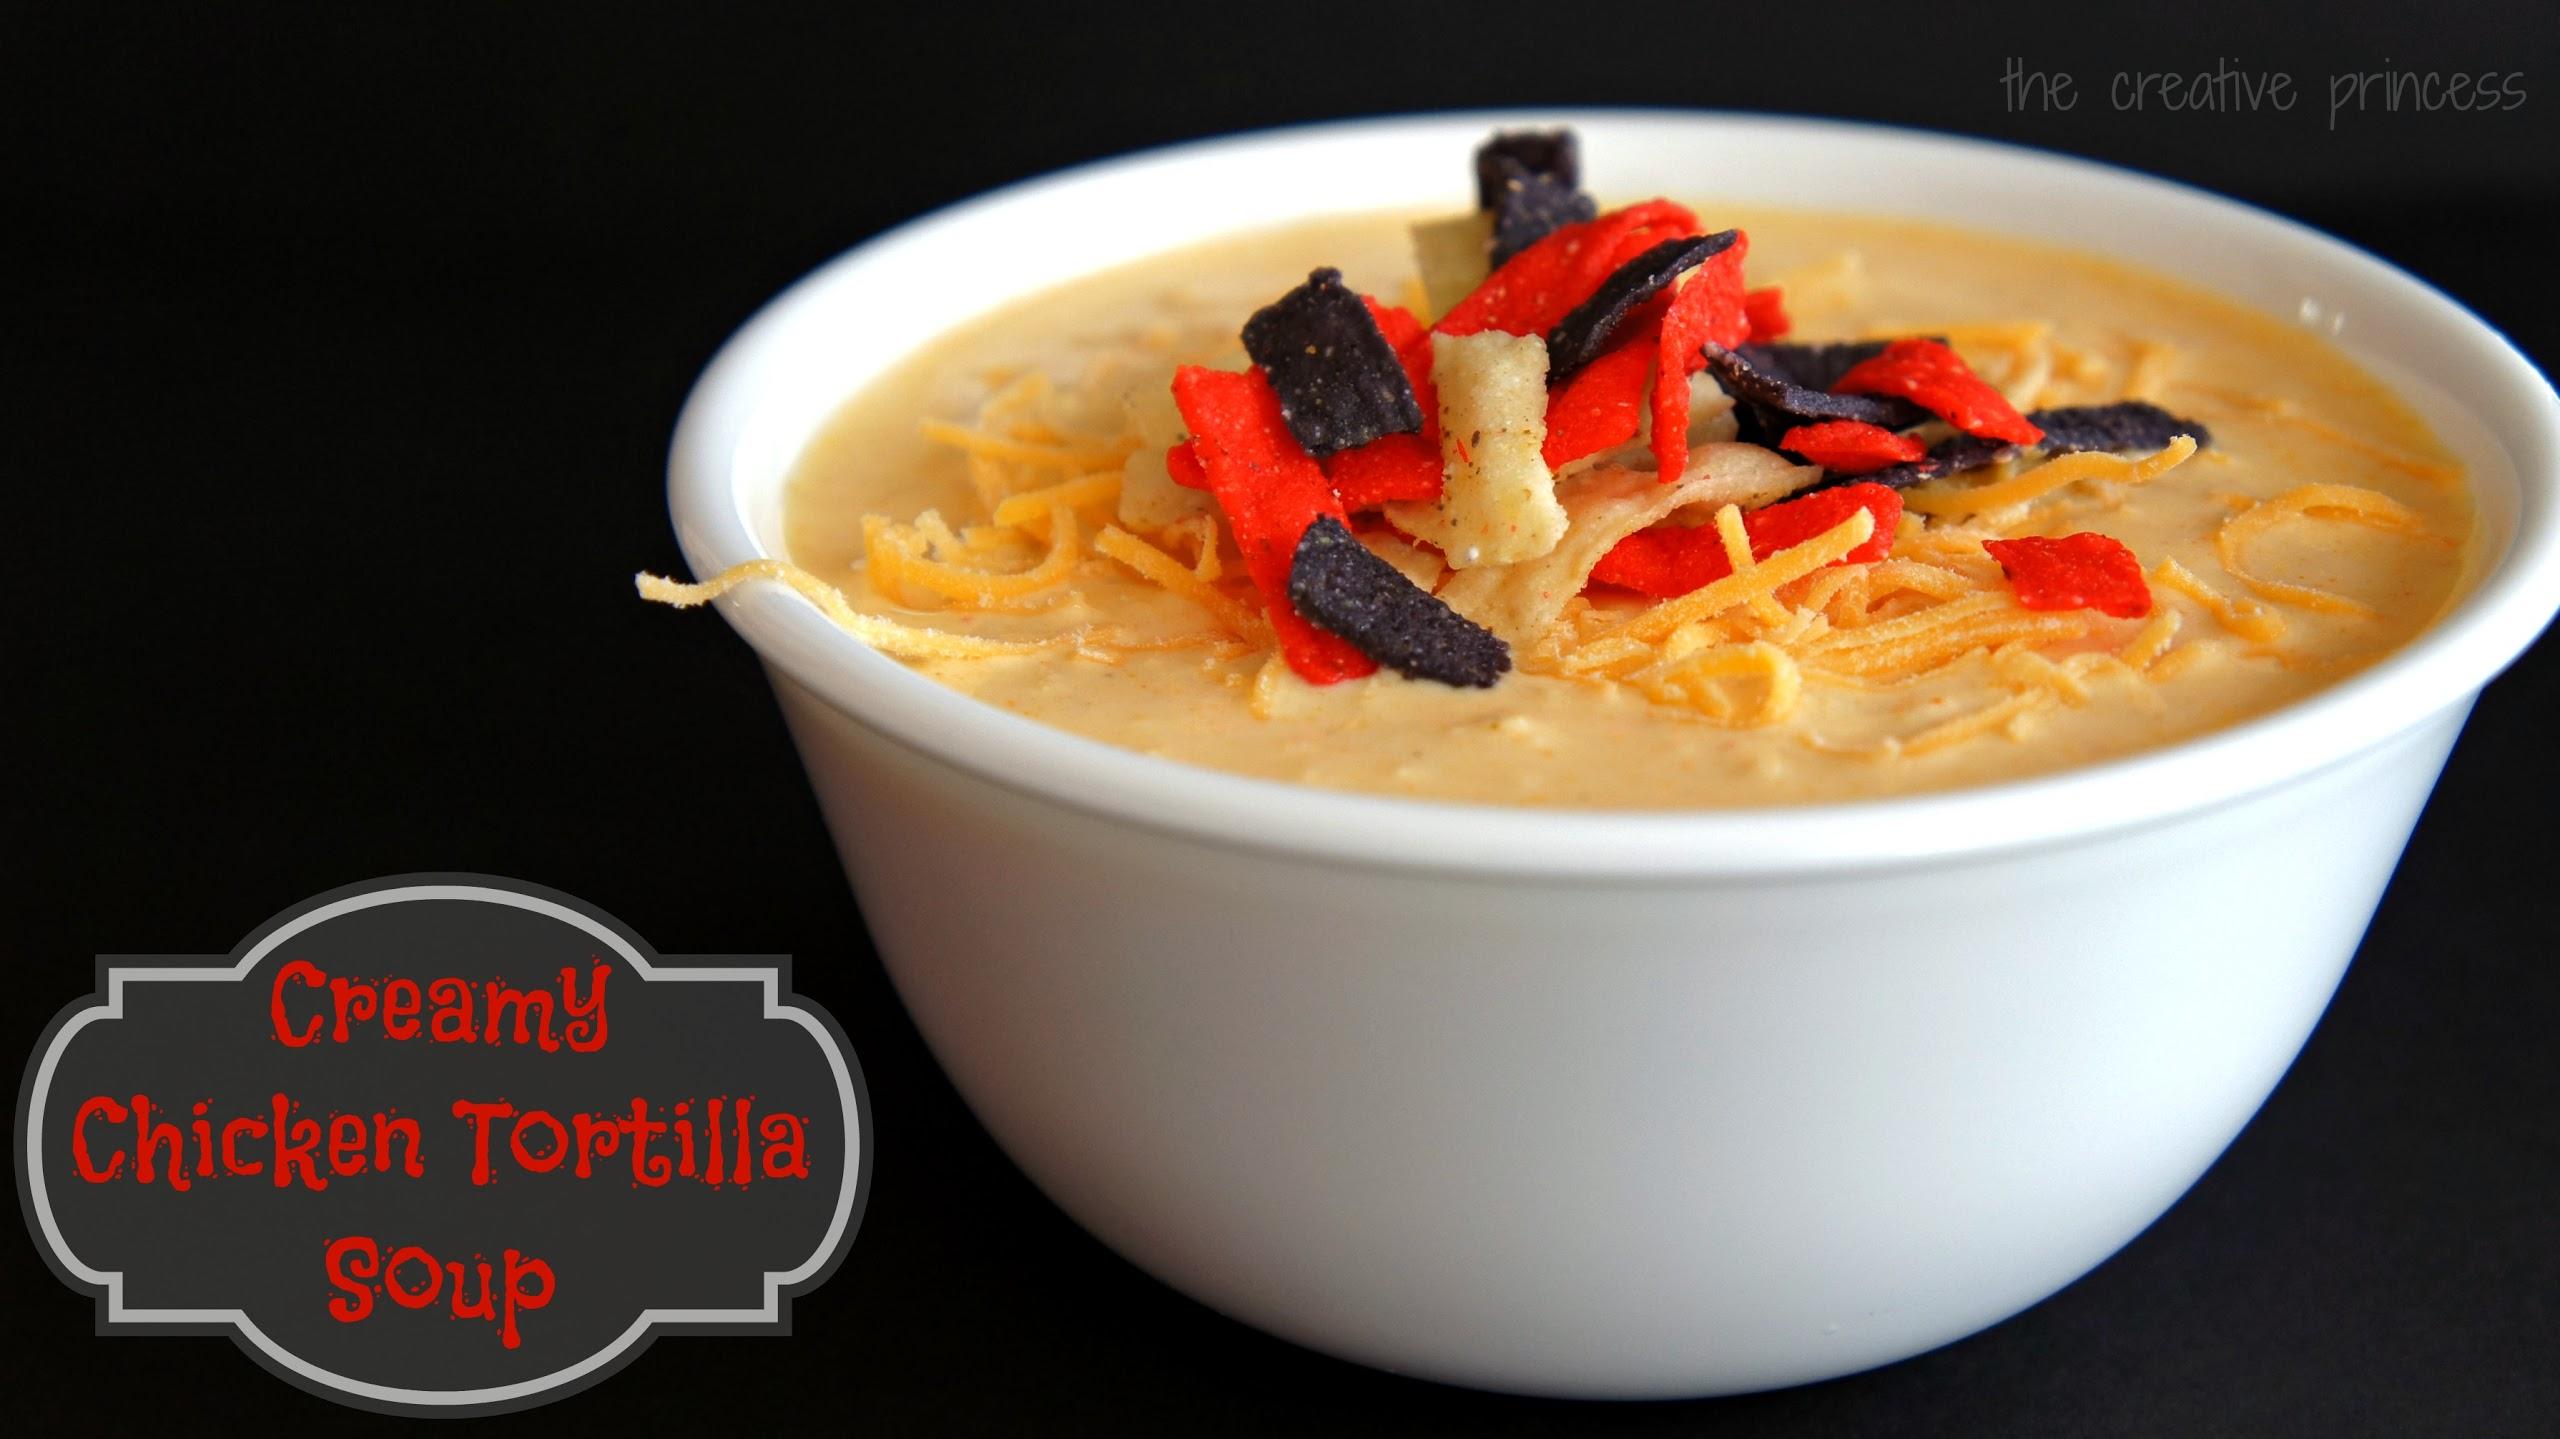 Creamy Chicken Tortilla Soup I The Creative Princess